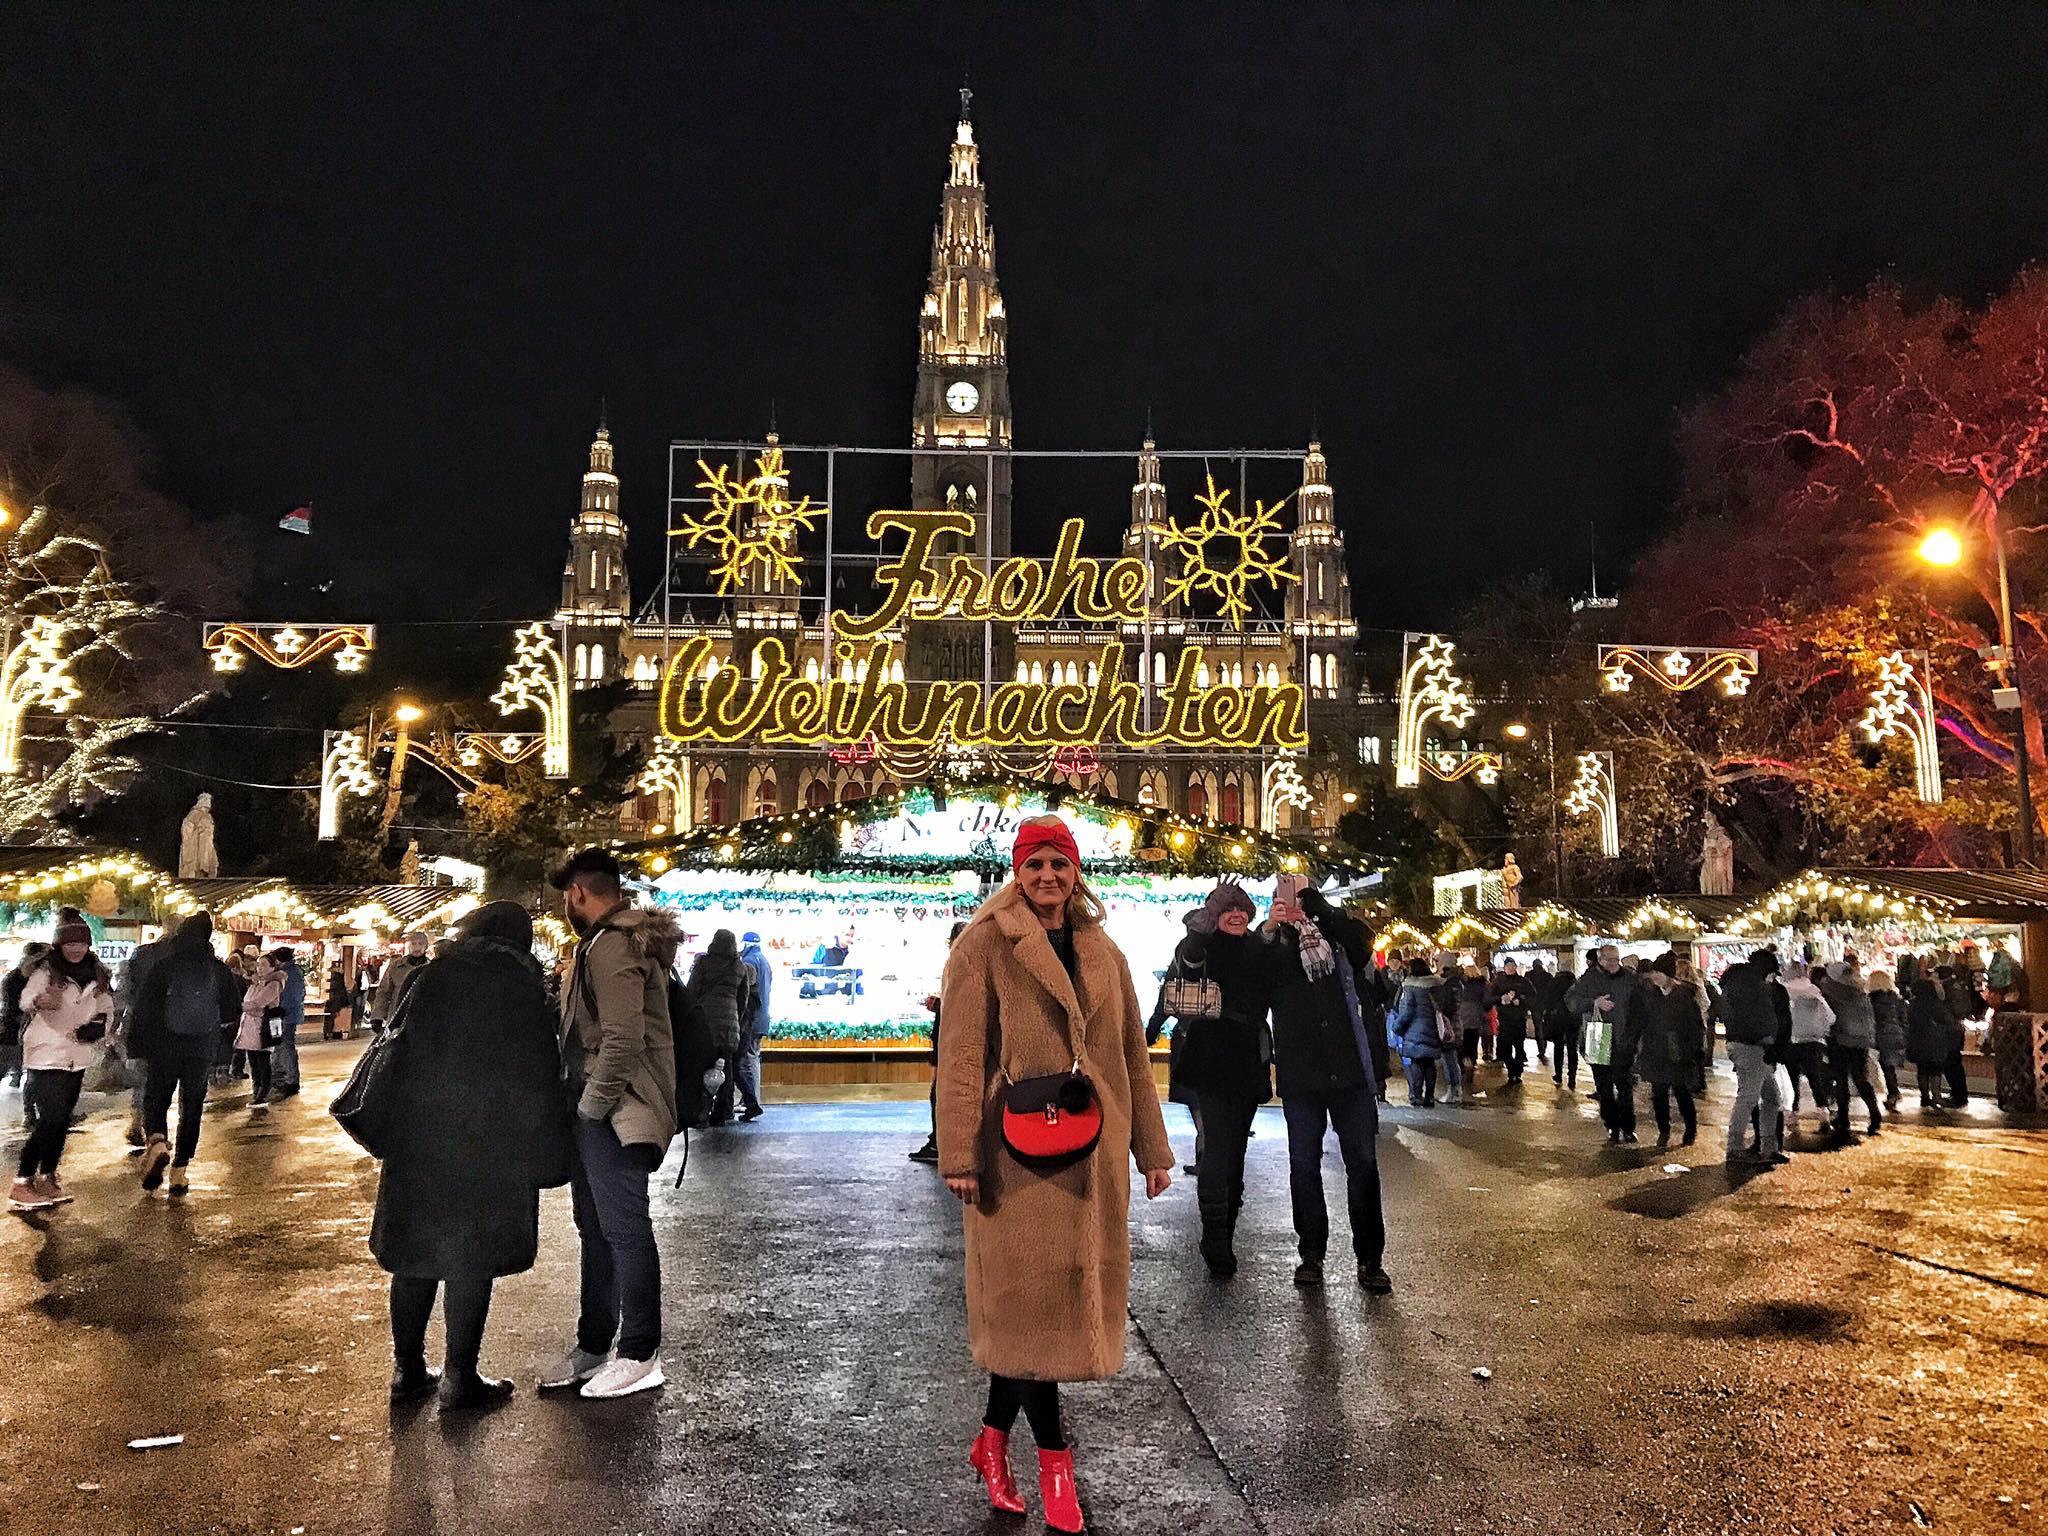 Rathausplatz-Wien-Weinachten-Christkindlmarkt-carrieslifestyle